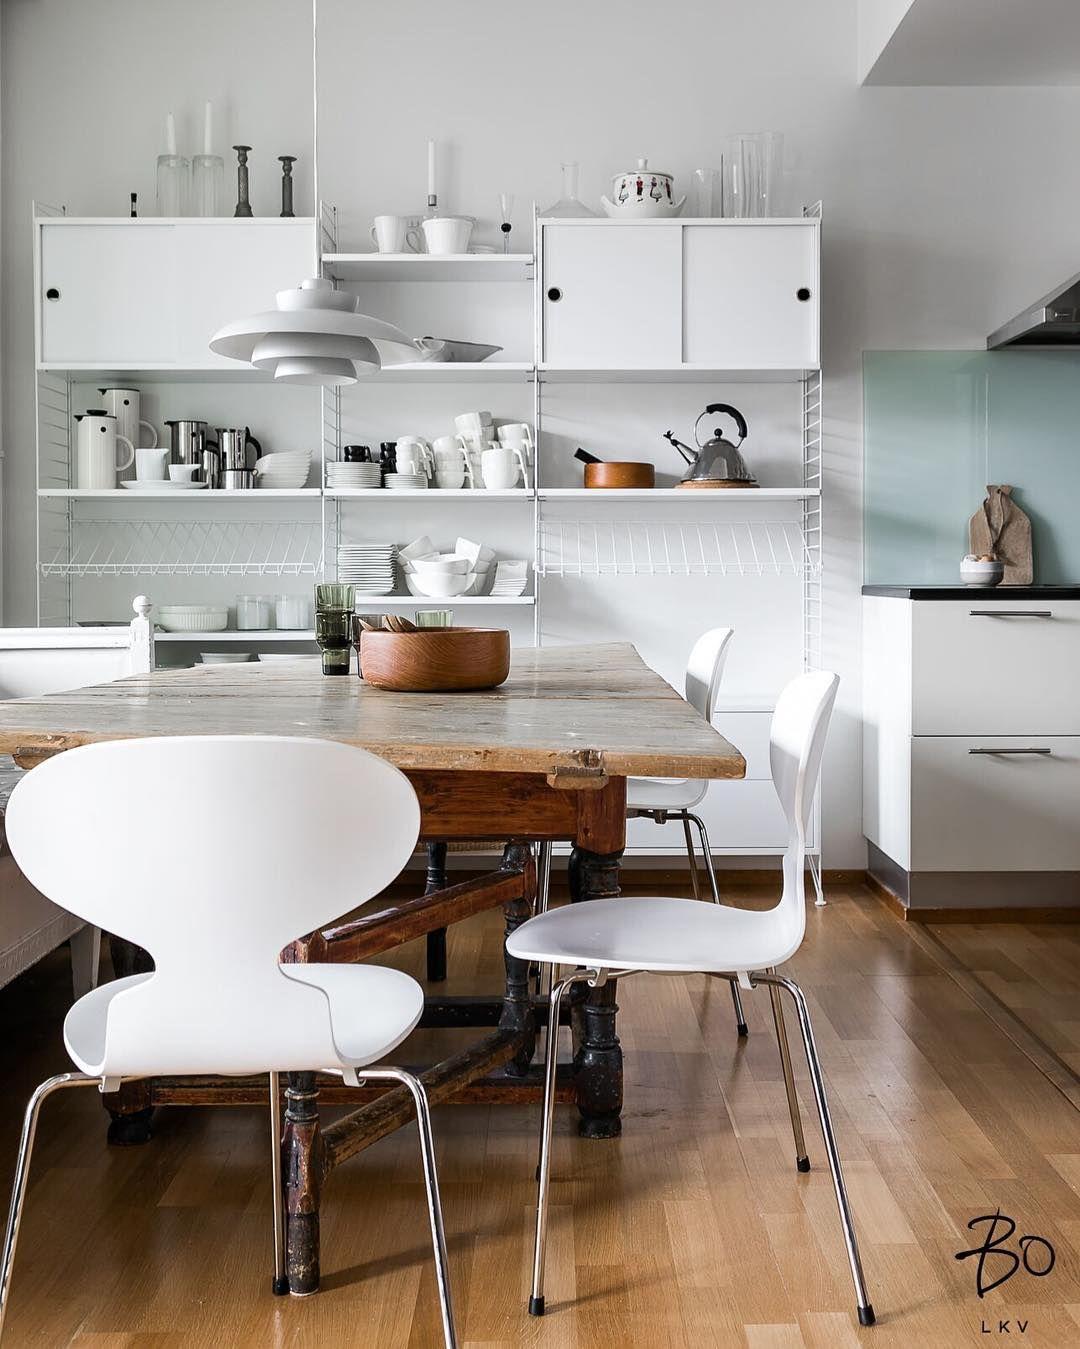 Puinen ruokapöytä tuo kodikasta kontrastia modernille valkoiselle String hyllykölle ja muille kalusteille.